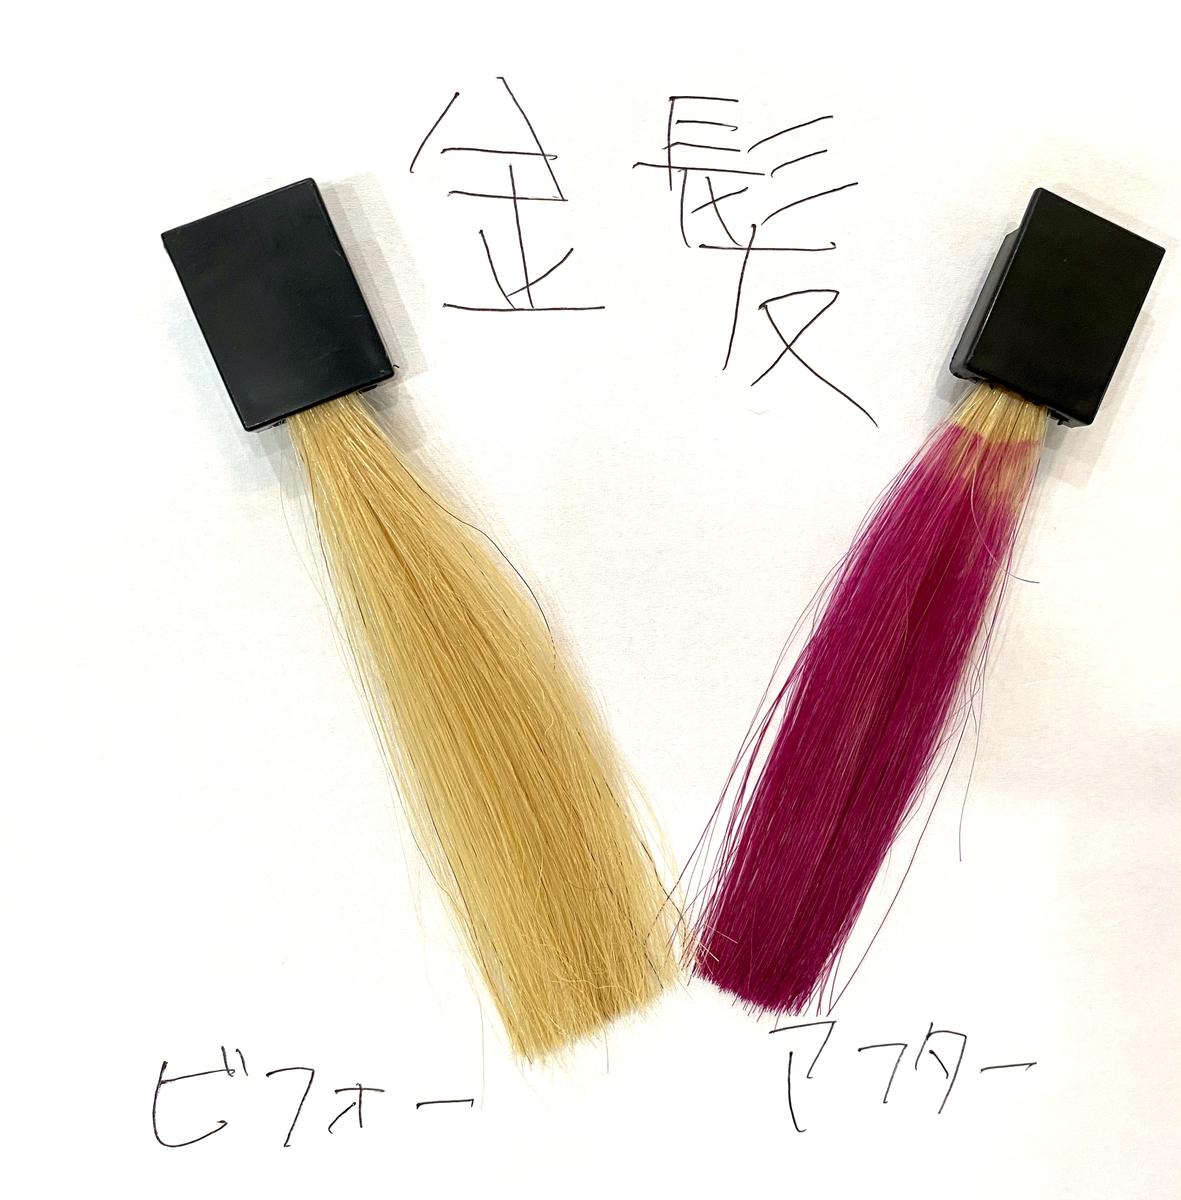 画黒左が金髪で画面右が金髪にフラッシュピンクで染めた仕上がり